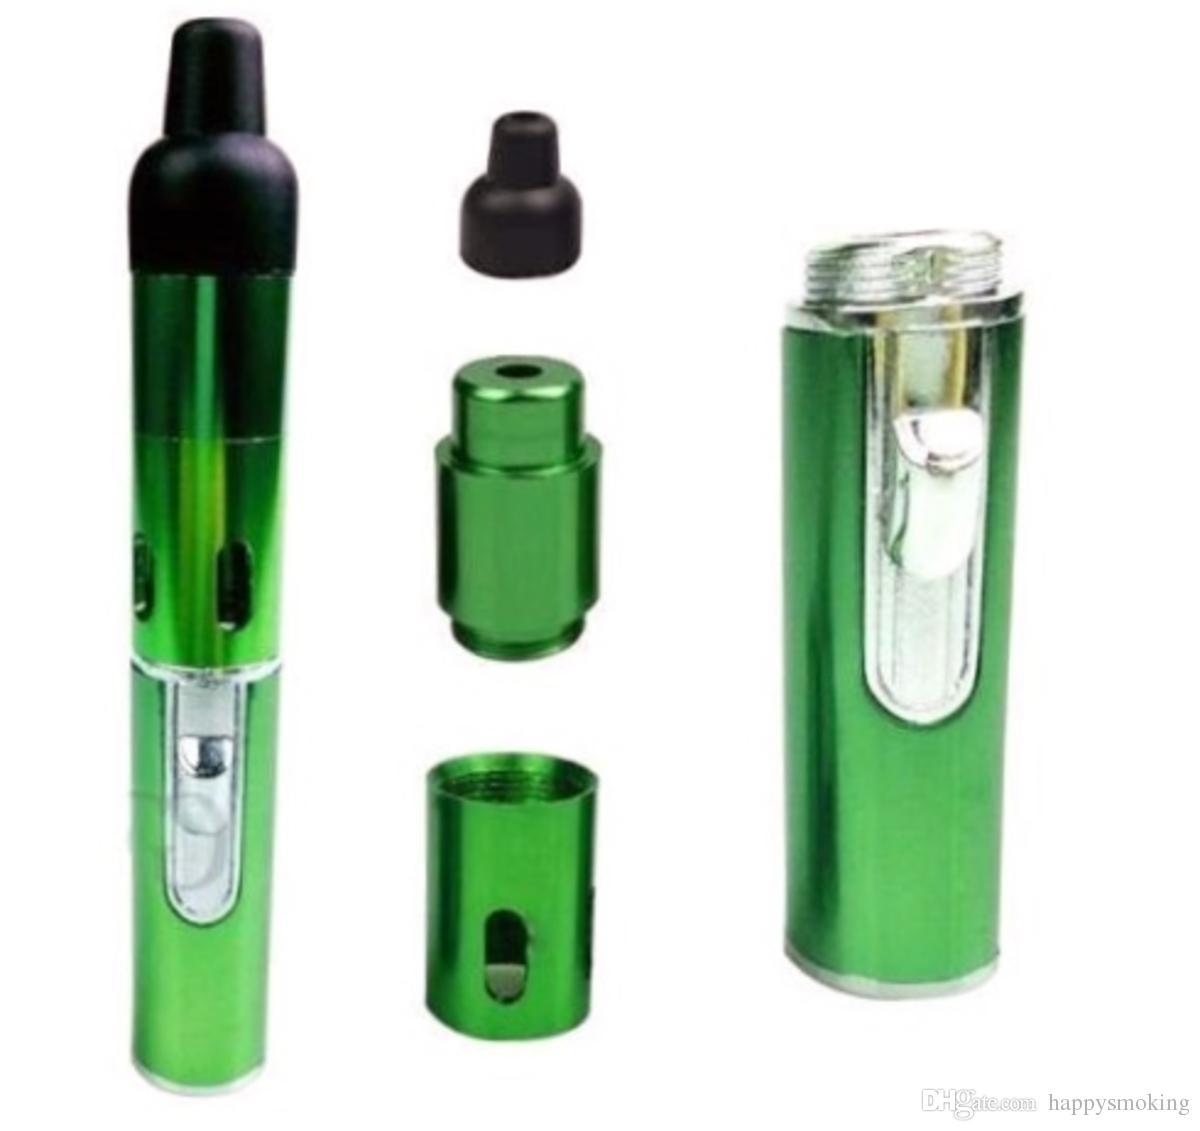 Курительная трубка нажмите N Vape Sneak A Vape Sneak A Toke травяной испаритель электронная сигарета вода и ветер доказательство Факел зажигалка